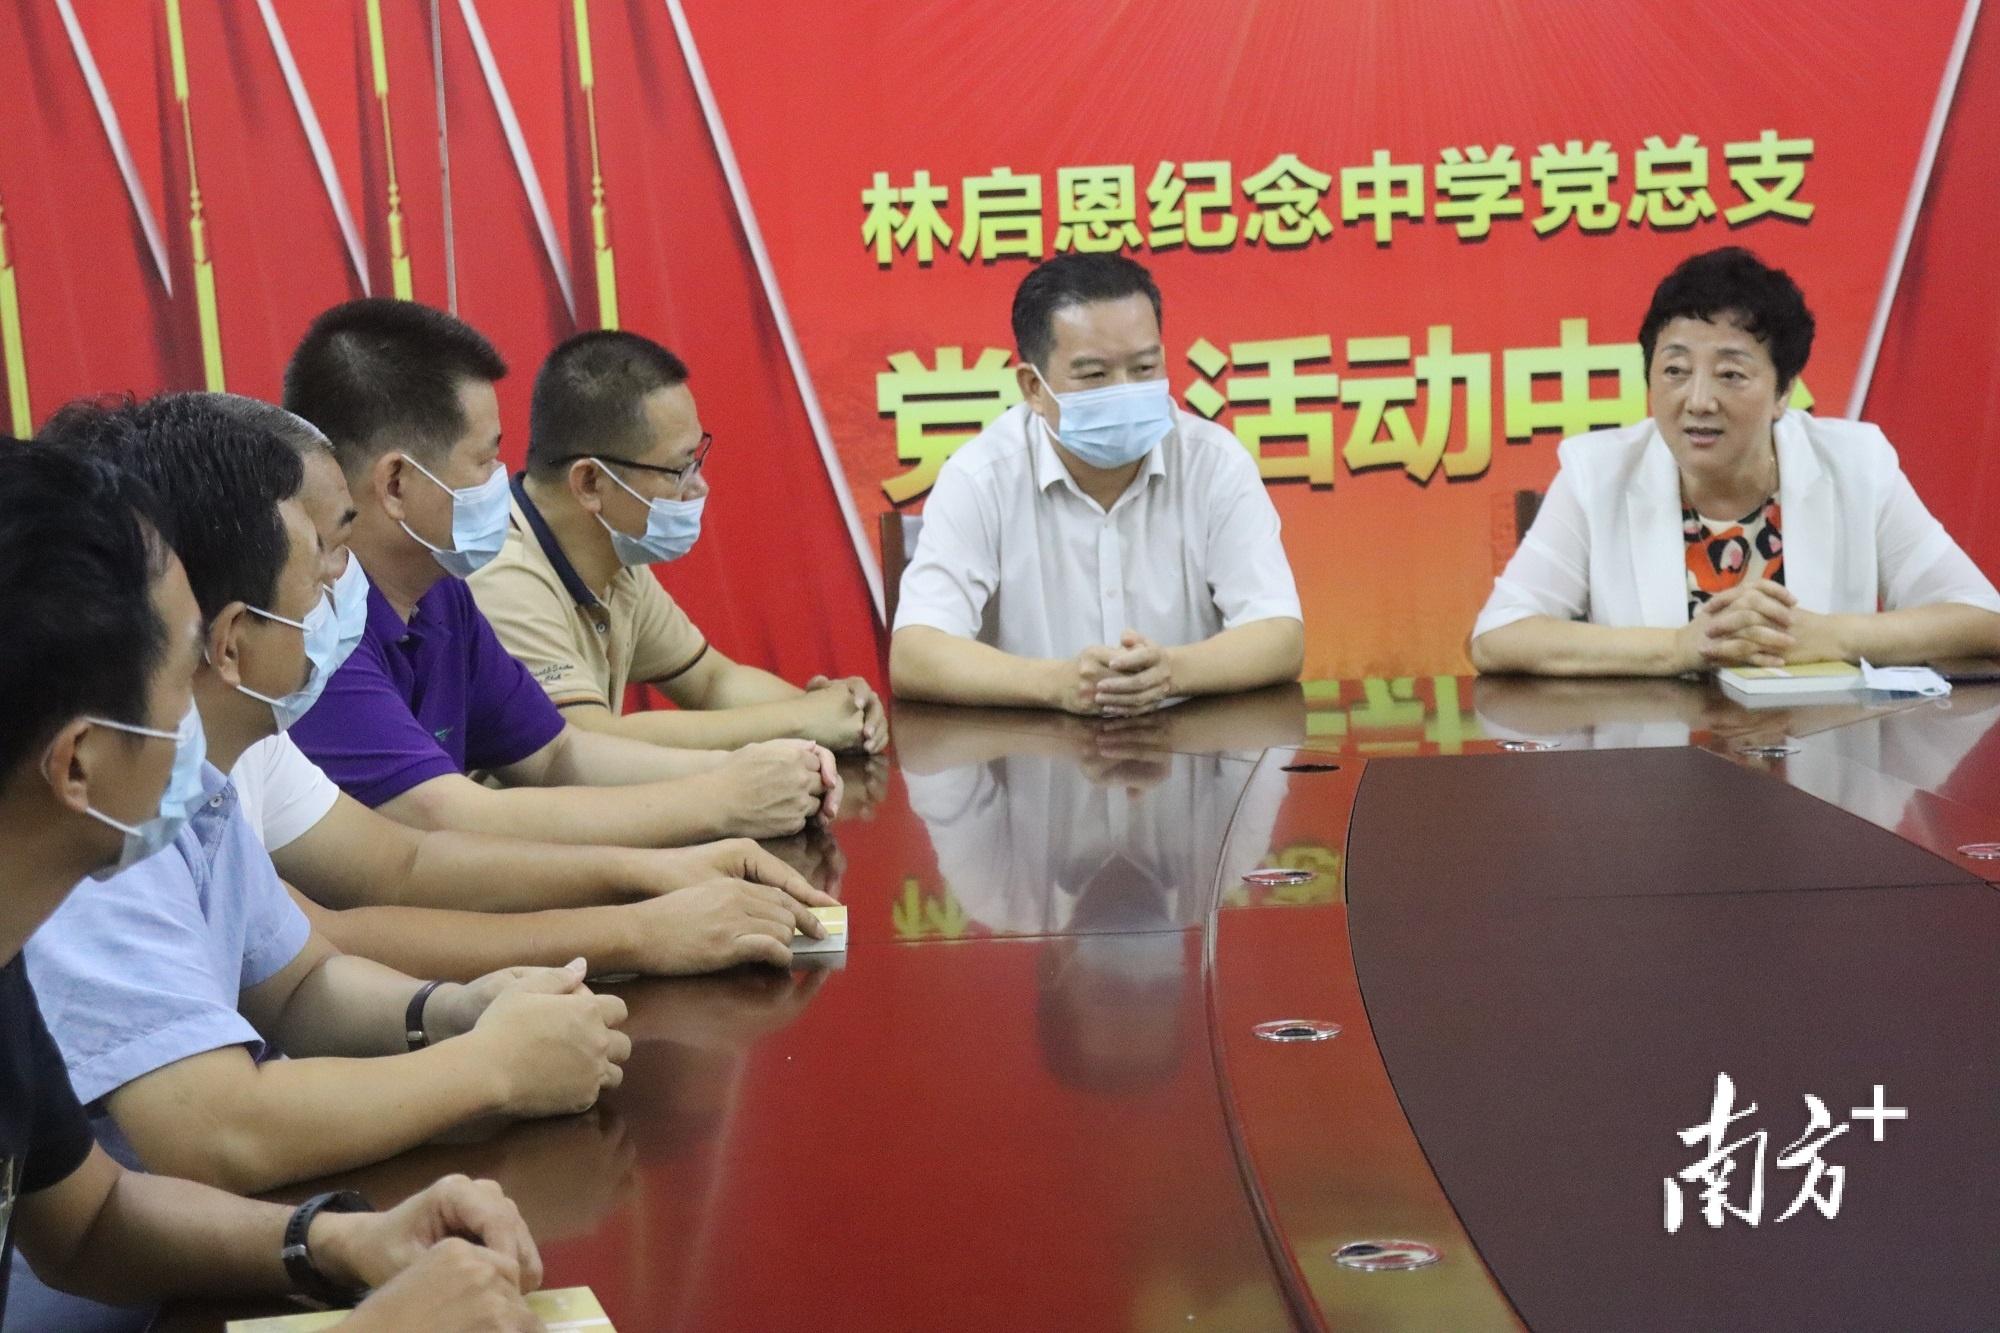 捐赠仪式后举行座谈会。 南方+ 郭杨阳 拍摄